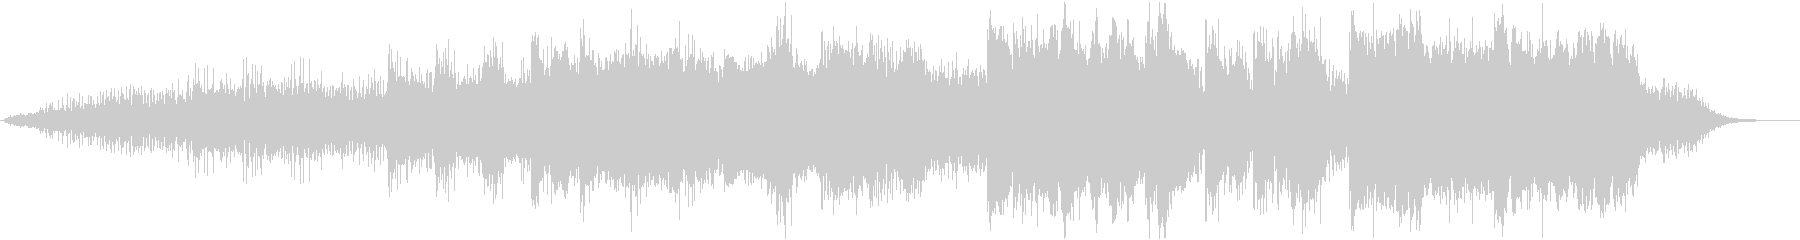 ノイジーで抽象的な実験的な楽曲の未再生の波形